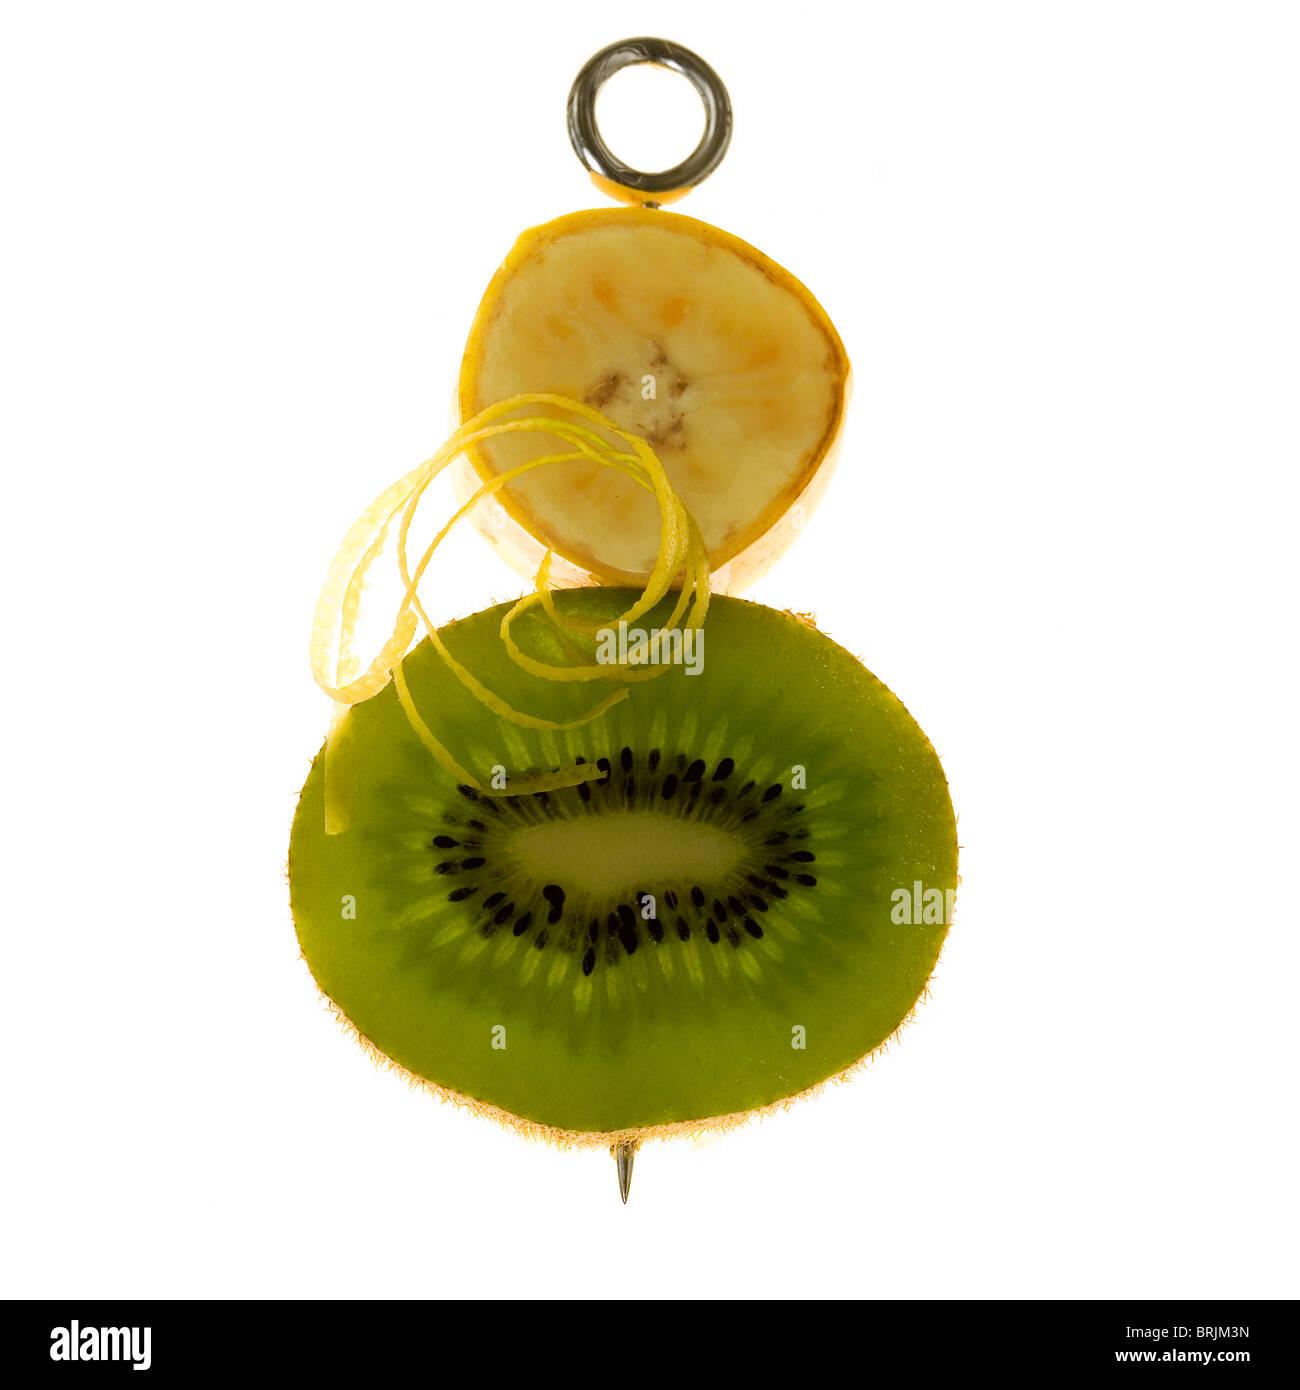 Banana, kiwi and lemon zest on skewer - Stock Image